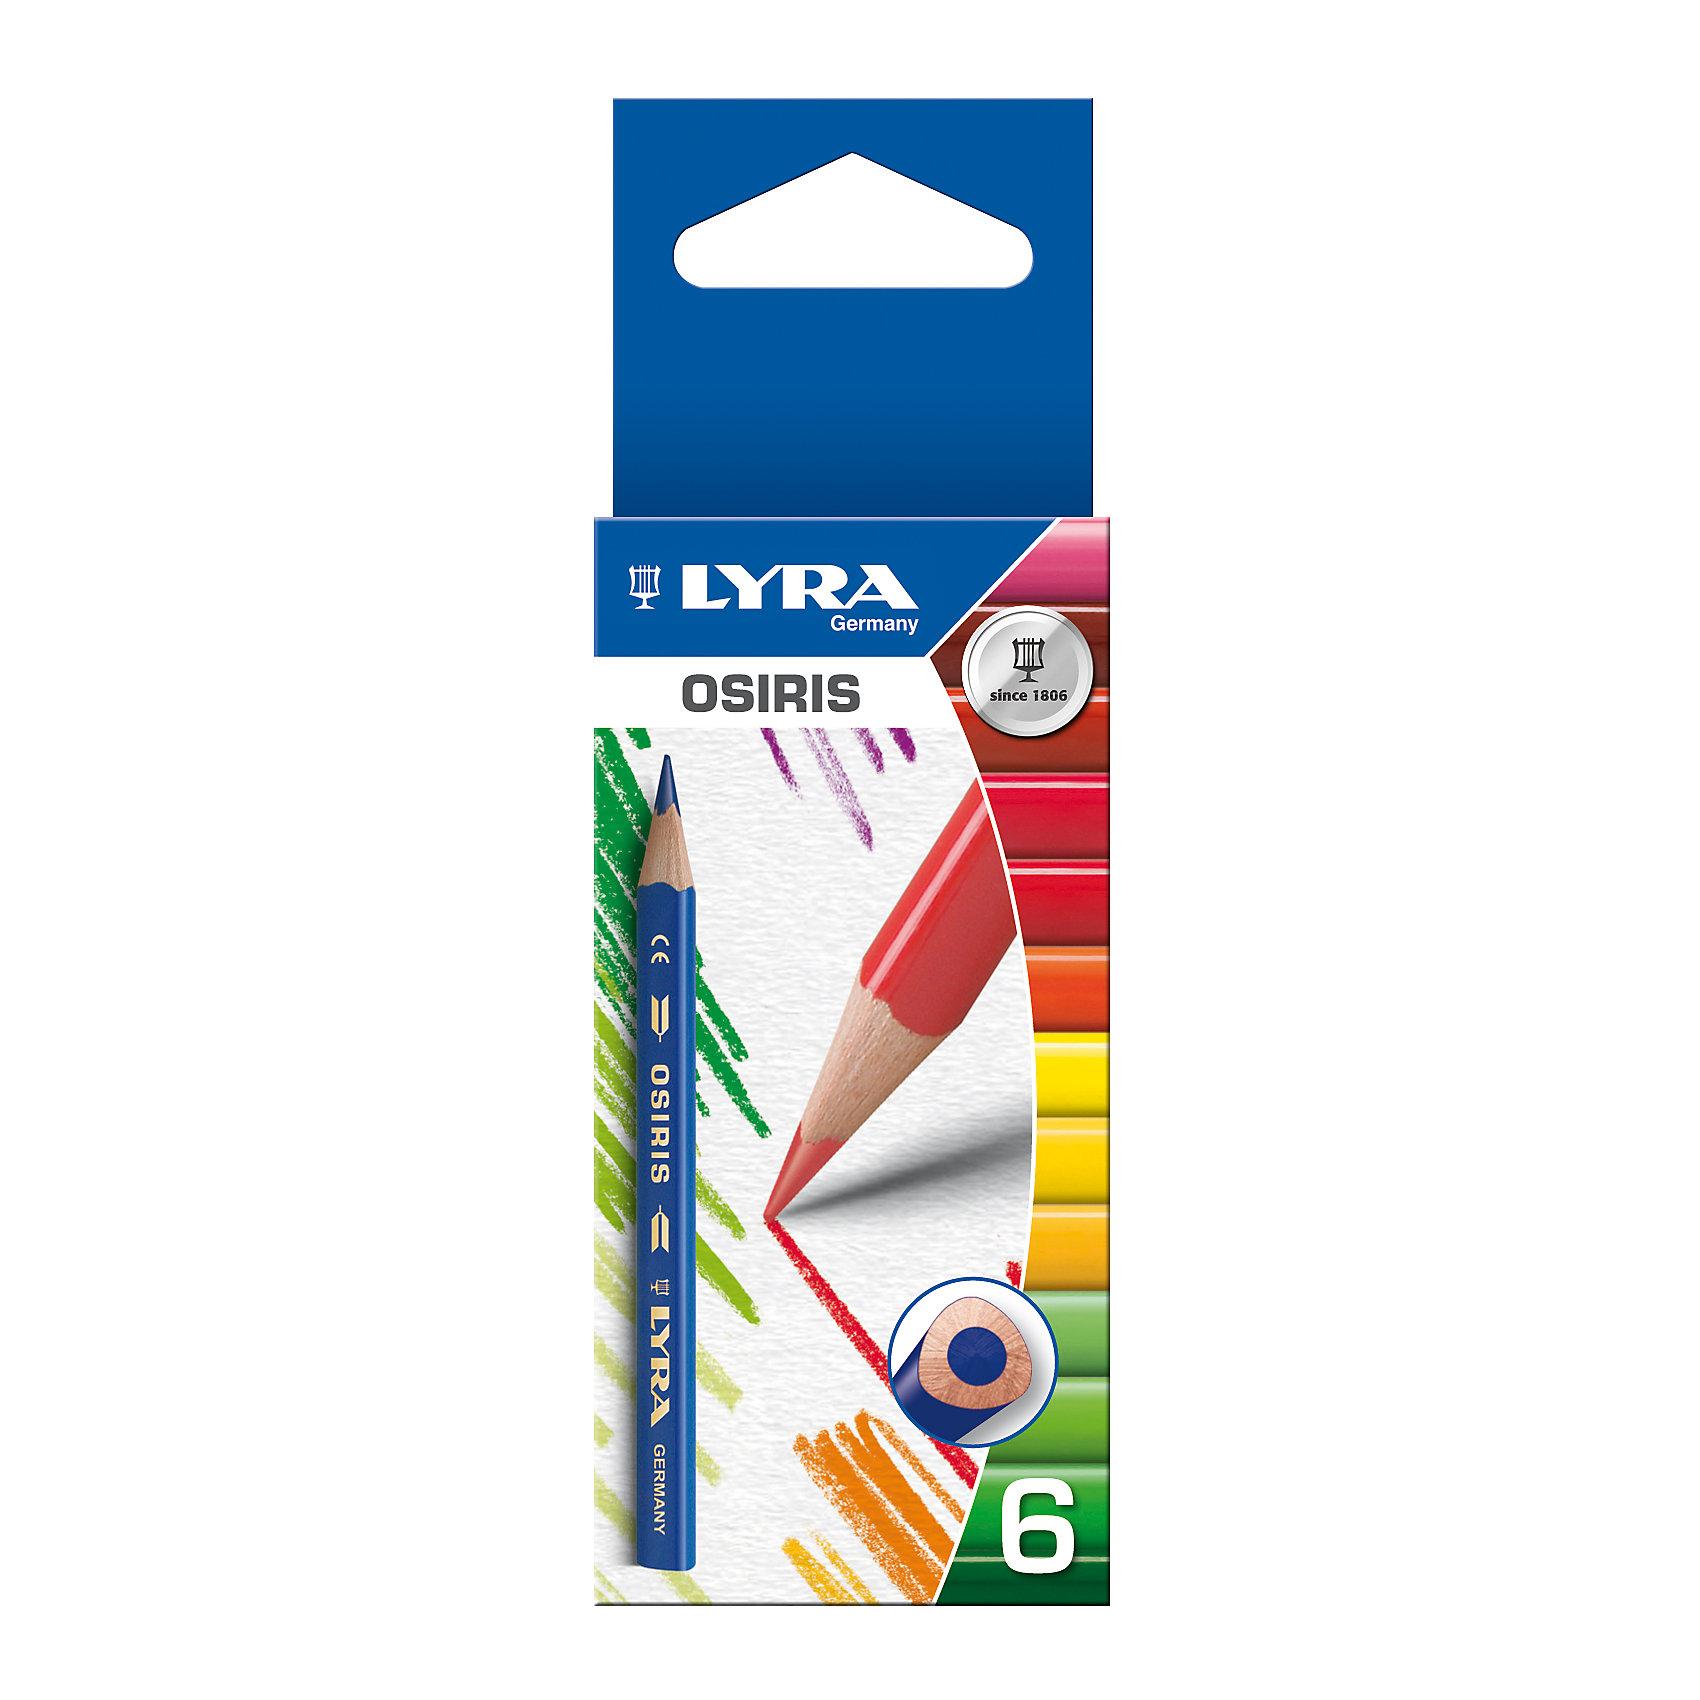 Цветные укороченные треугольные карандаши, 6 шт.Письменные принадлежности<br>Цветные укороченные. треугольные карандаши, 6 шт.  Диаметр грифеля 2,8 мм.  Экономичная линейка карандашей<br><br>Ширина мм: 10<br>Глубина мм: 128<br>Высота мм: 49<br>Вес г: 21<br>Возраст от месяцев: 36<br>Возраст до месяцев: 84<br>Пол: Унисекс<br>Возраст: Детский<br>SKU: 5124957